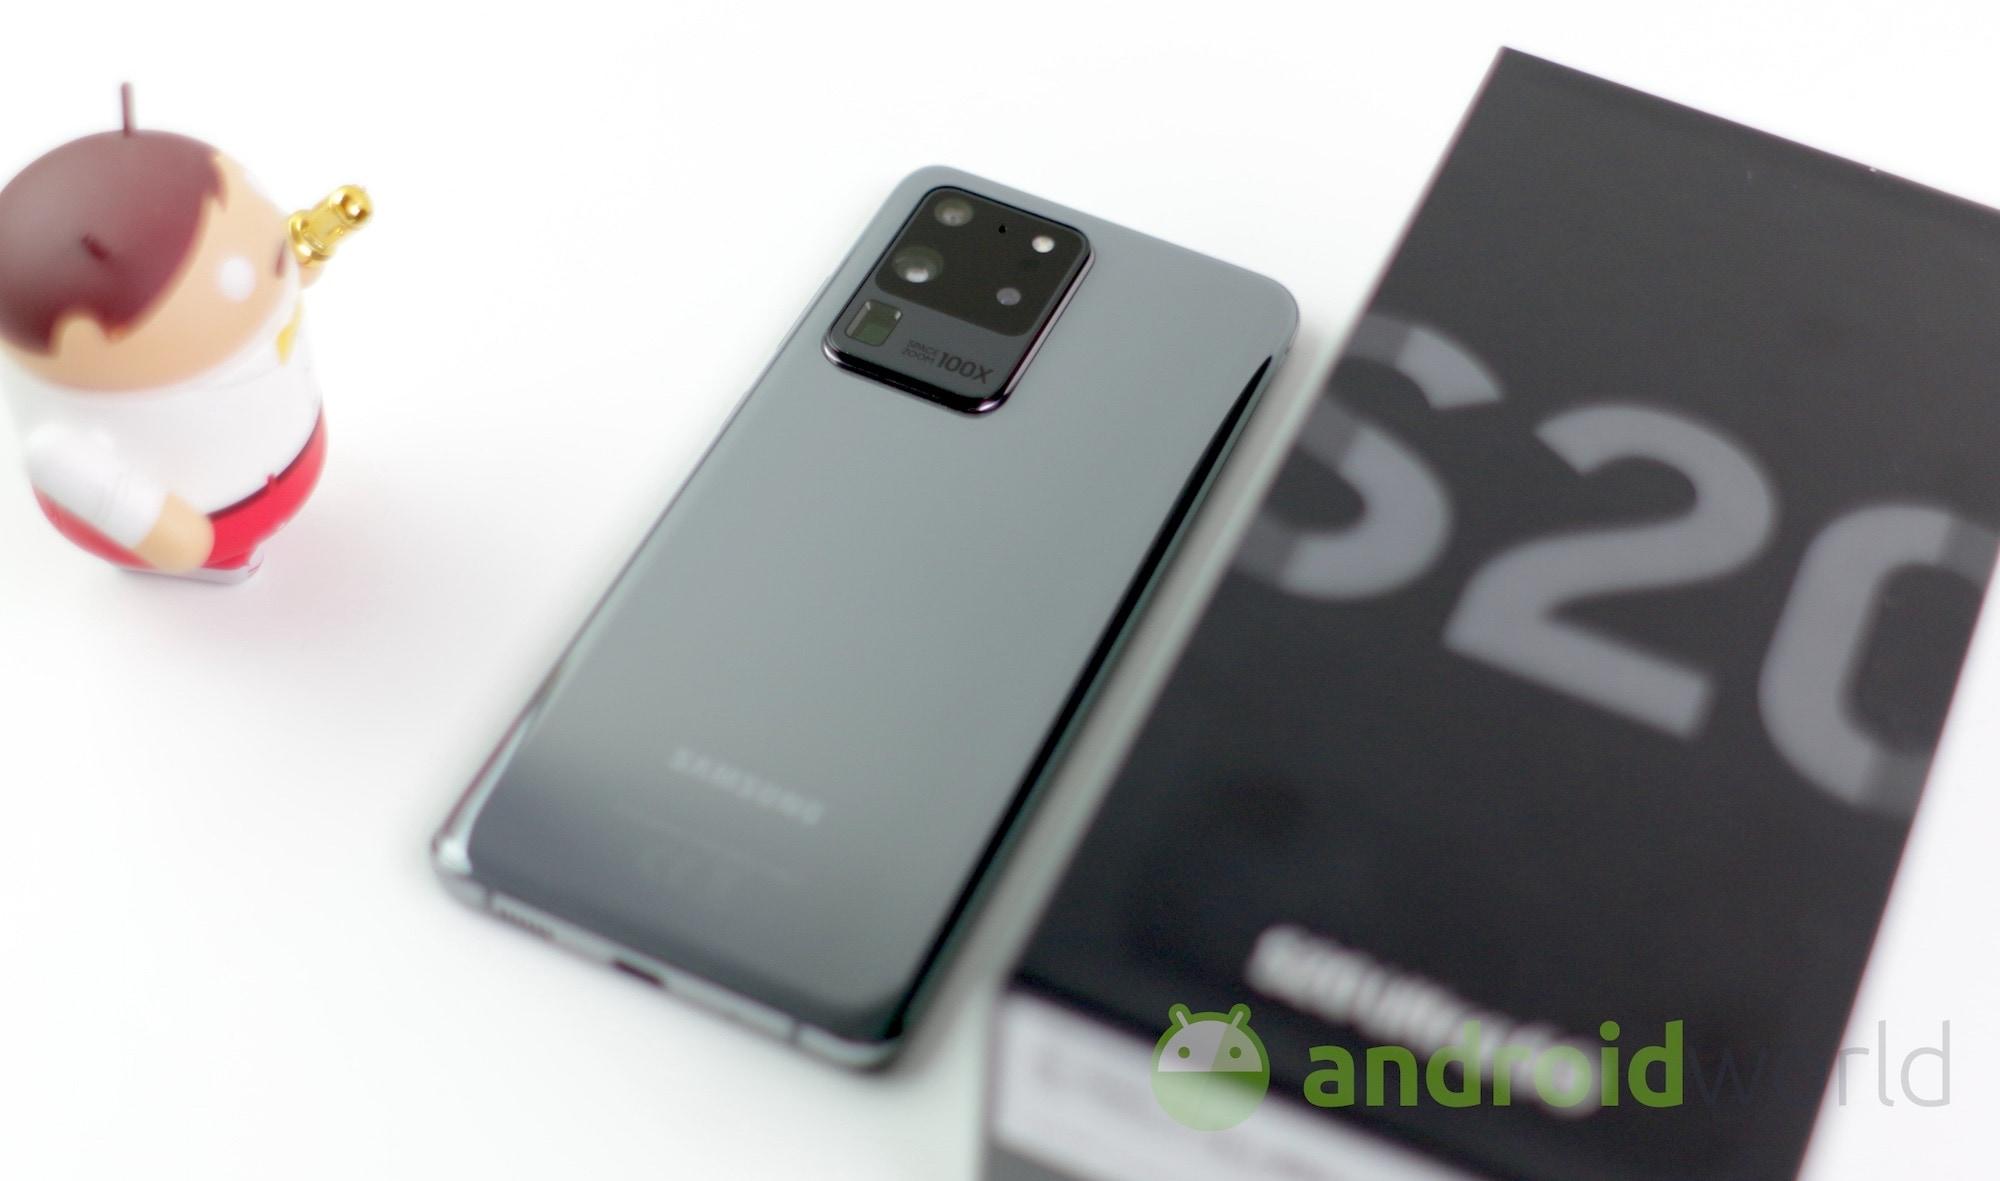 La fotocamera di Galaxy S20 Ultra è da top ma non batte l'armata cinese, per DxOMark è sotto Xiaomi, OPPO e Huawei (video e foto)